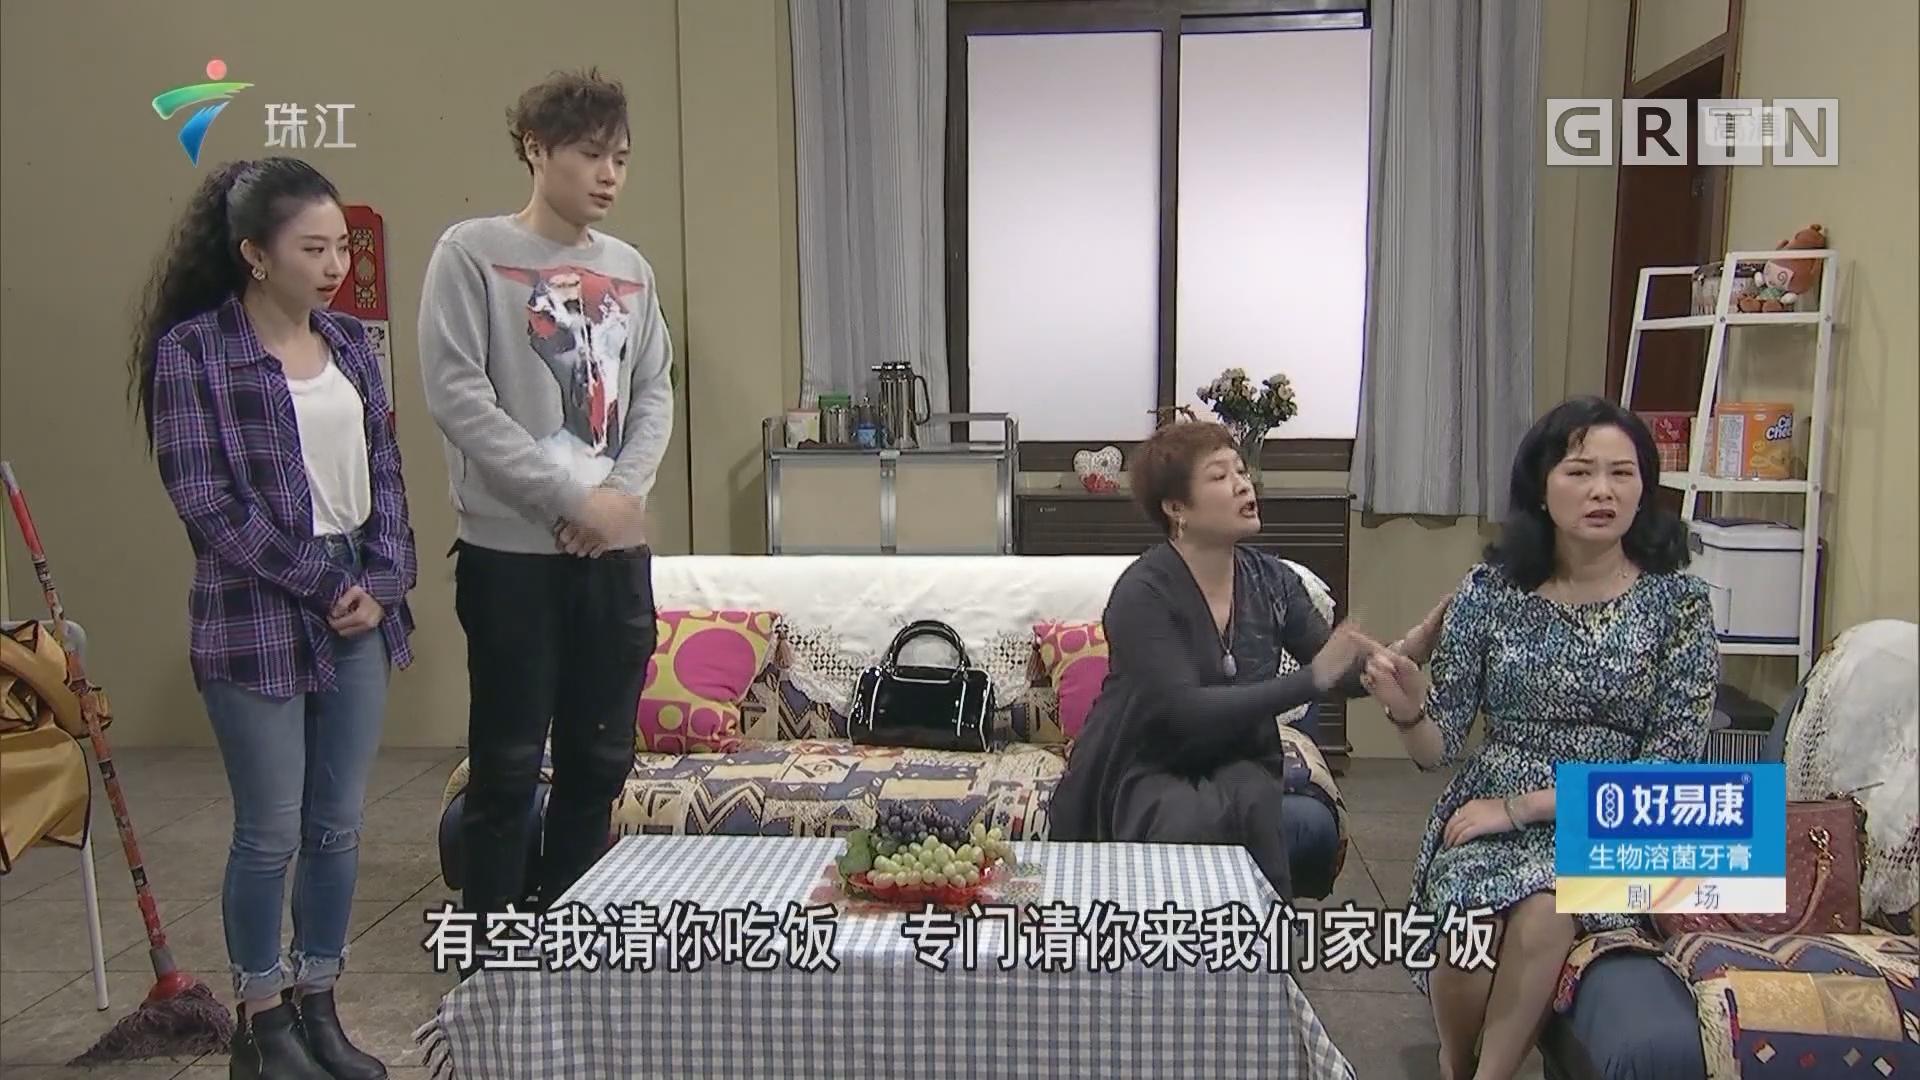 [HD][2019-02-23]外来媳妇本地郎:房产之争(上)